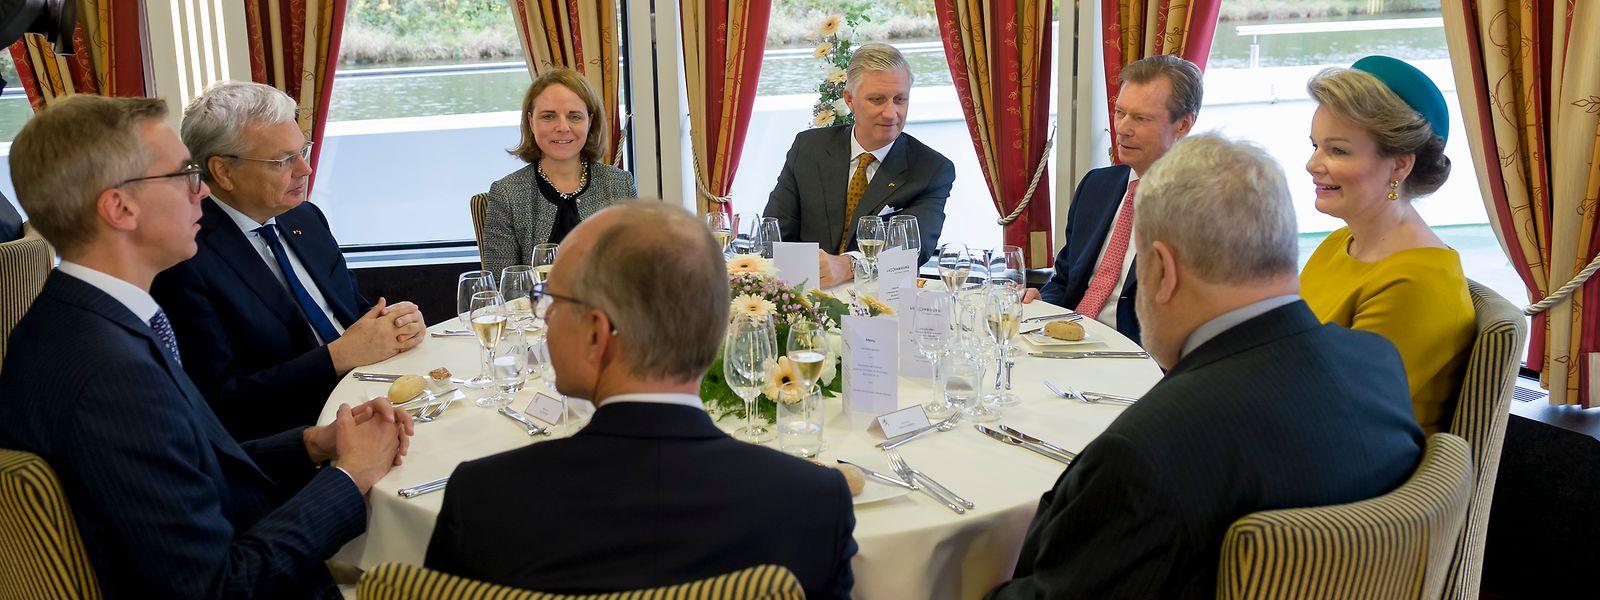 Le couple royal belge et le grand-duc Henri, aux côtés de ministres sur le MS Princesse-Astrid.